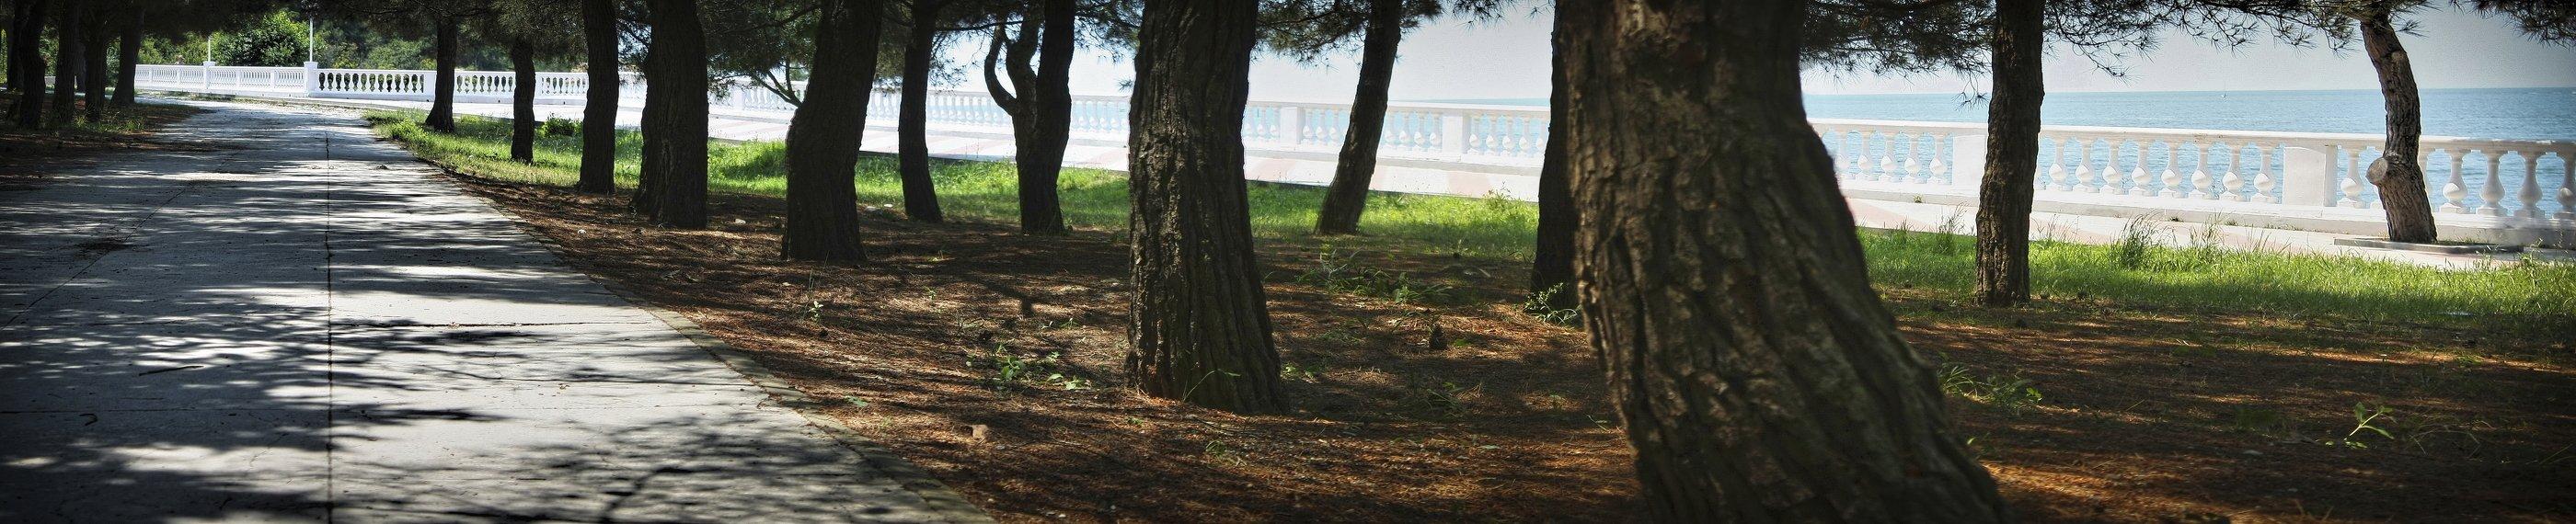 геленджик, набережная, дерево, деревья, лето, парк, Vladimir Kedrov